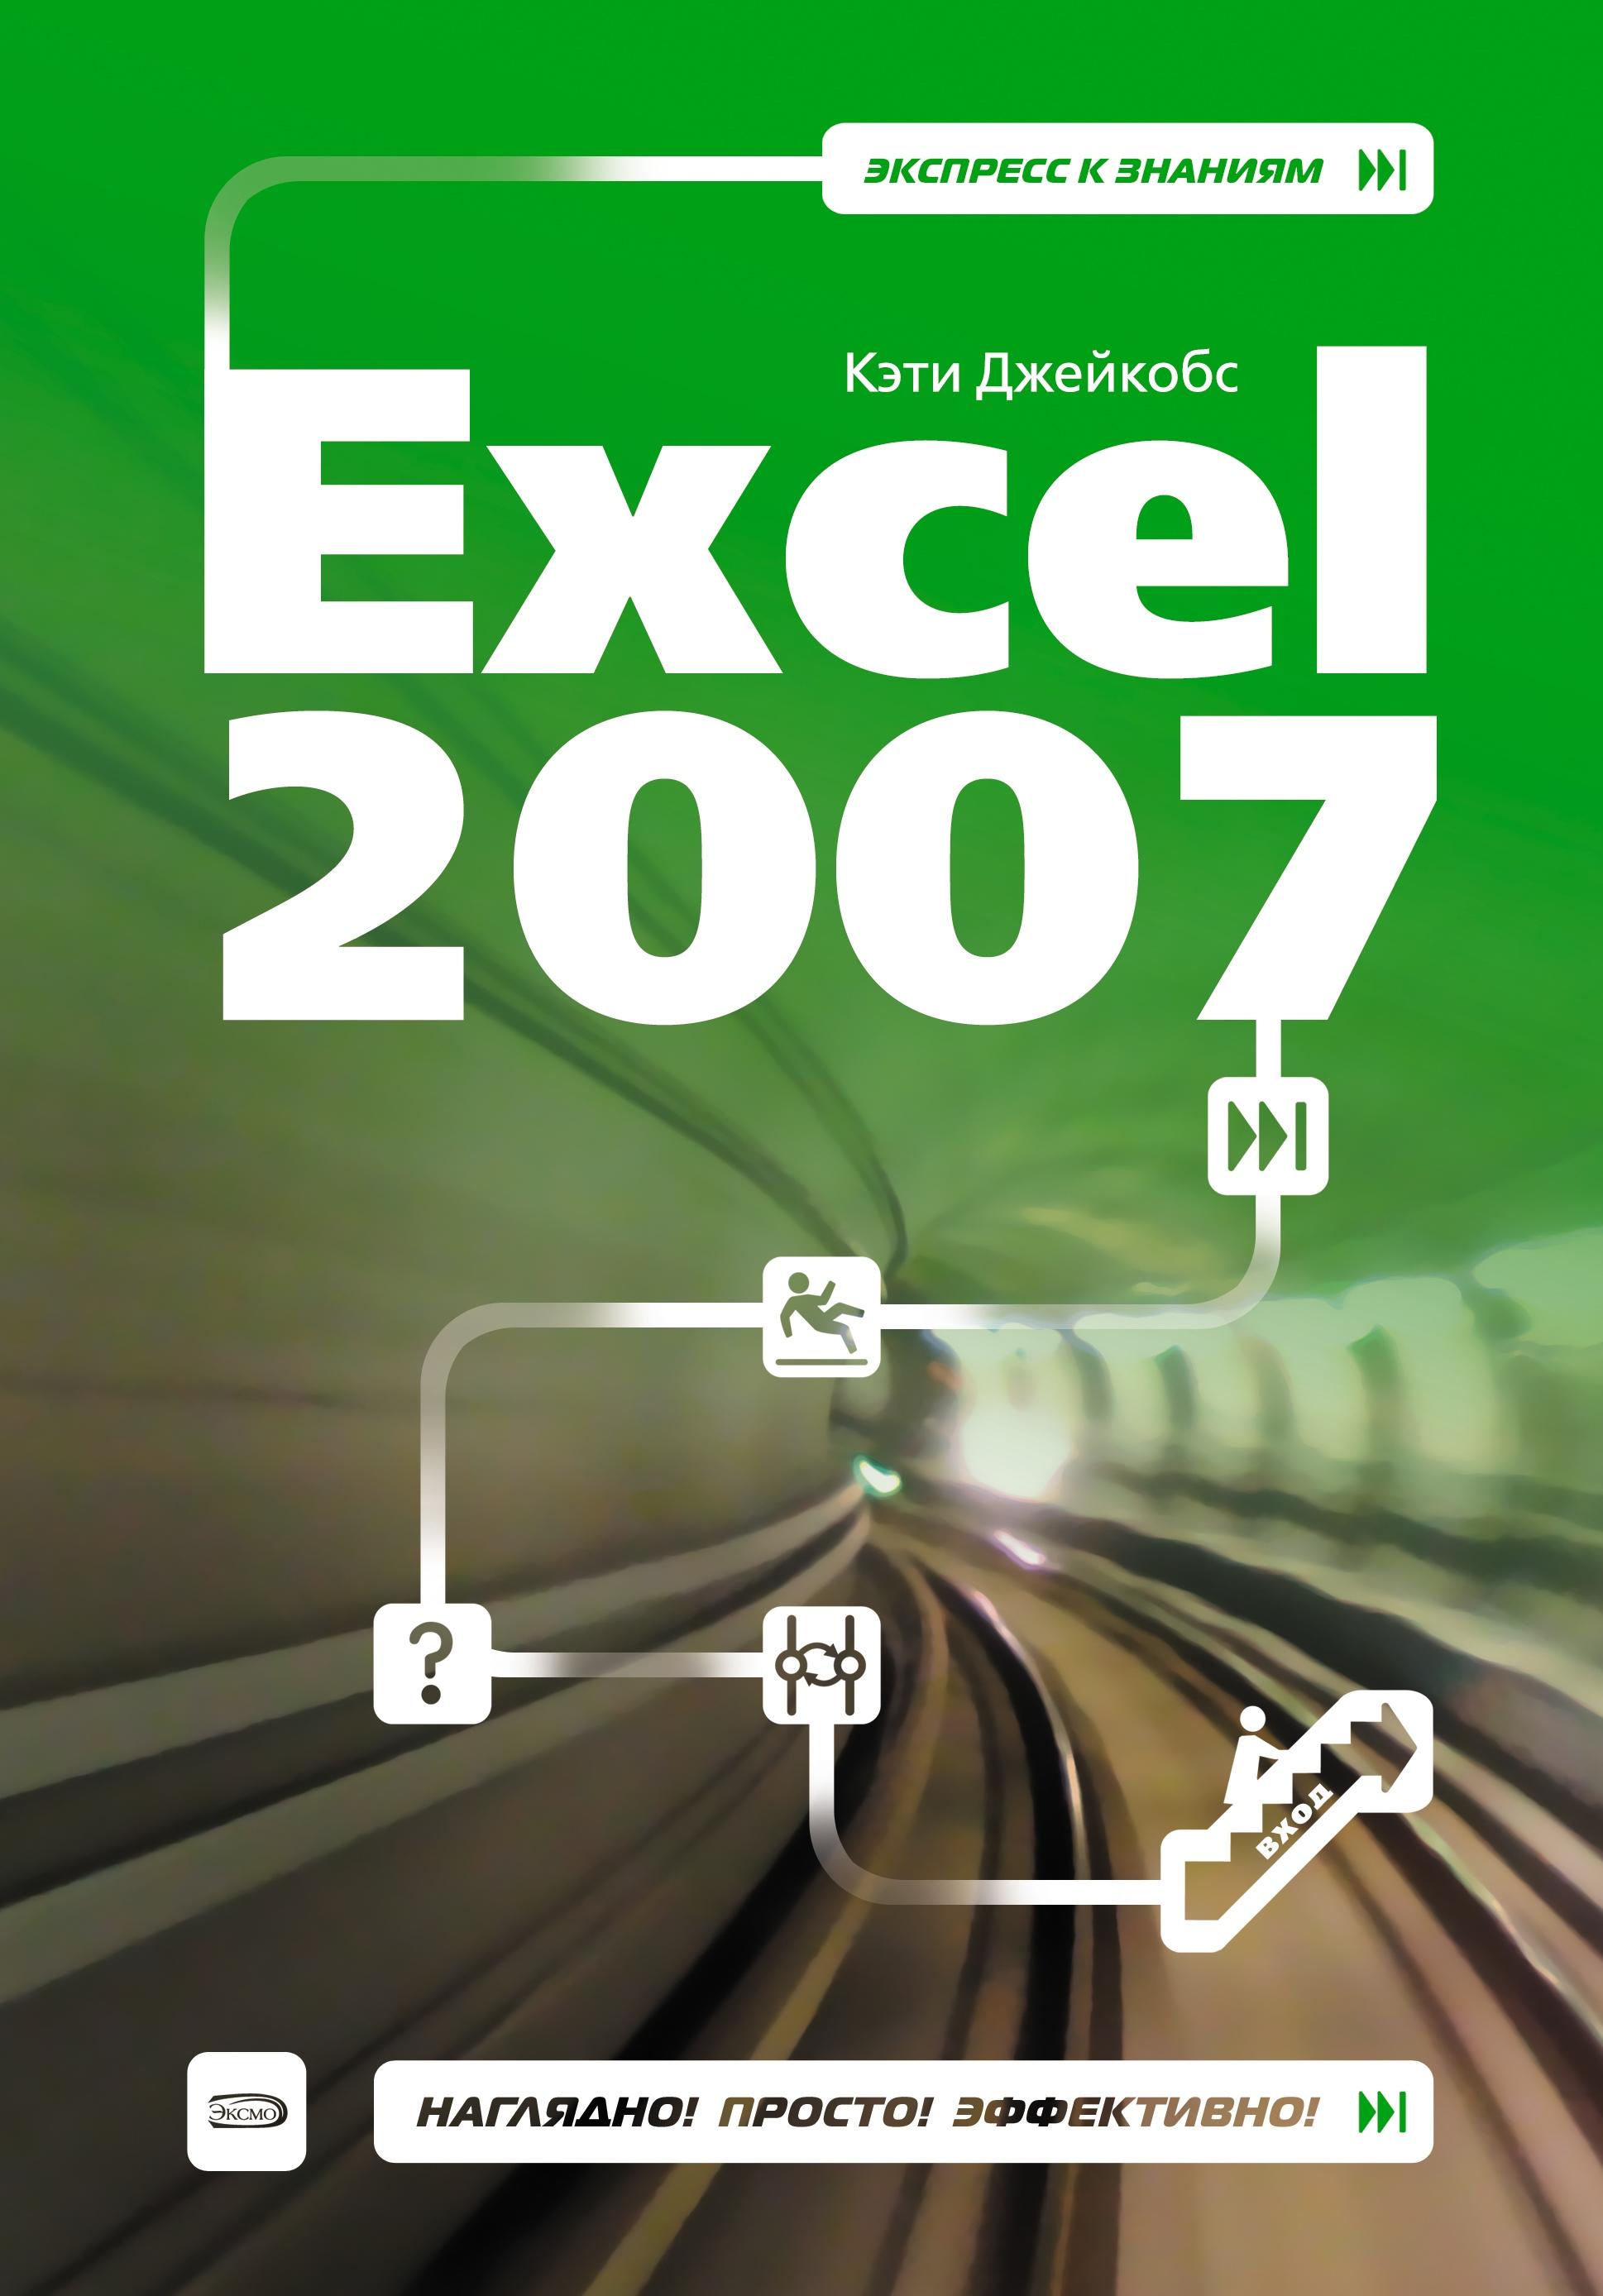 Кэти Джейкобс «Excel 2007»